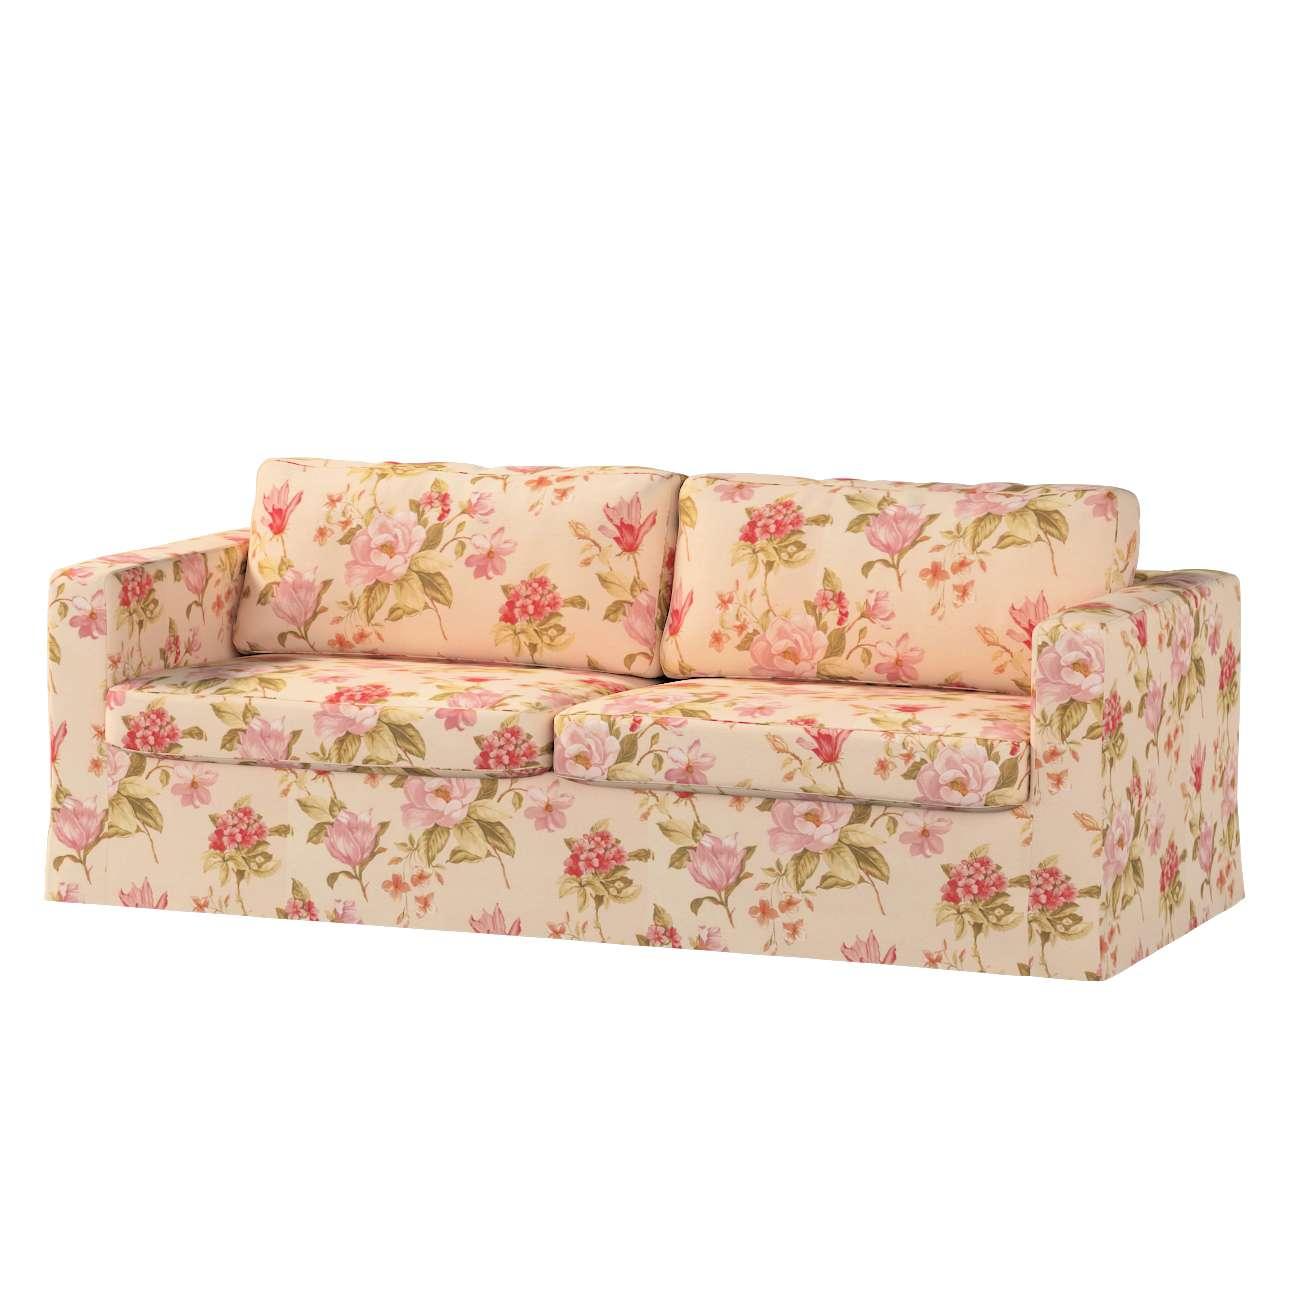 Karlstad trivietės sofos užvalkalas (ilgas, iki žemės) Karlstad trivietės sofos užvalkalas (ilgas, iki žemės) kolekcijoje Londres, audinys: 123-05